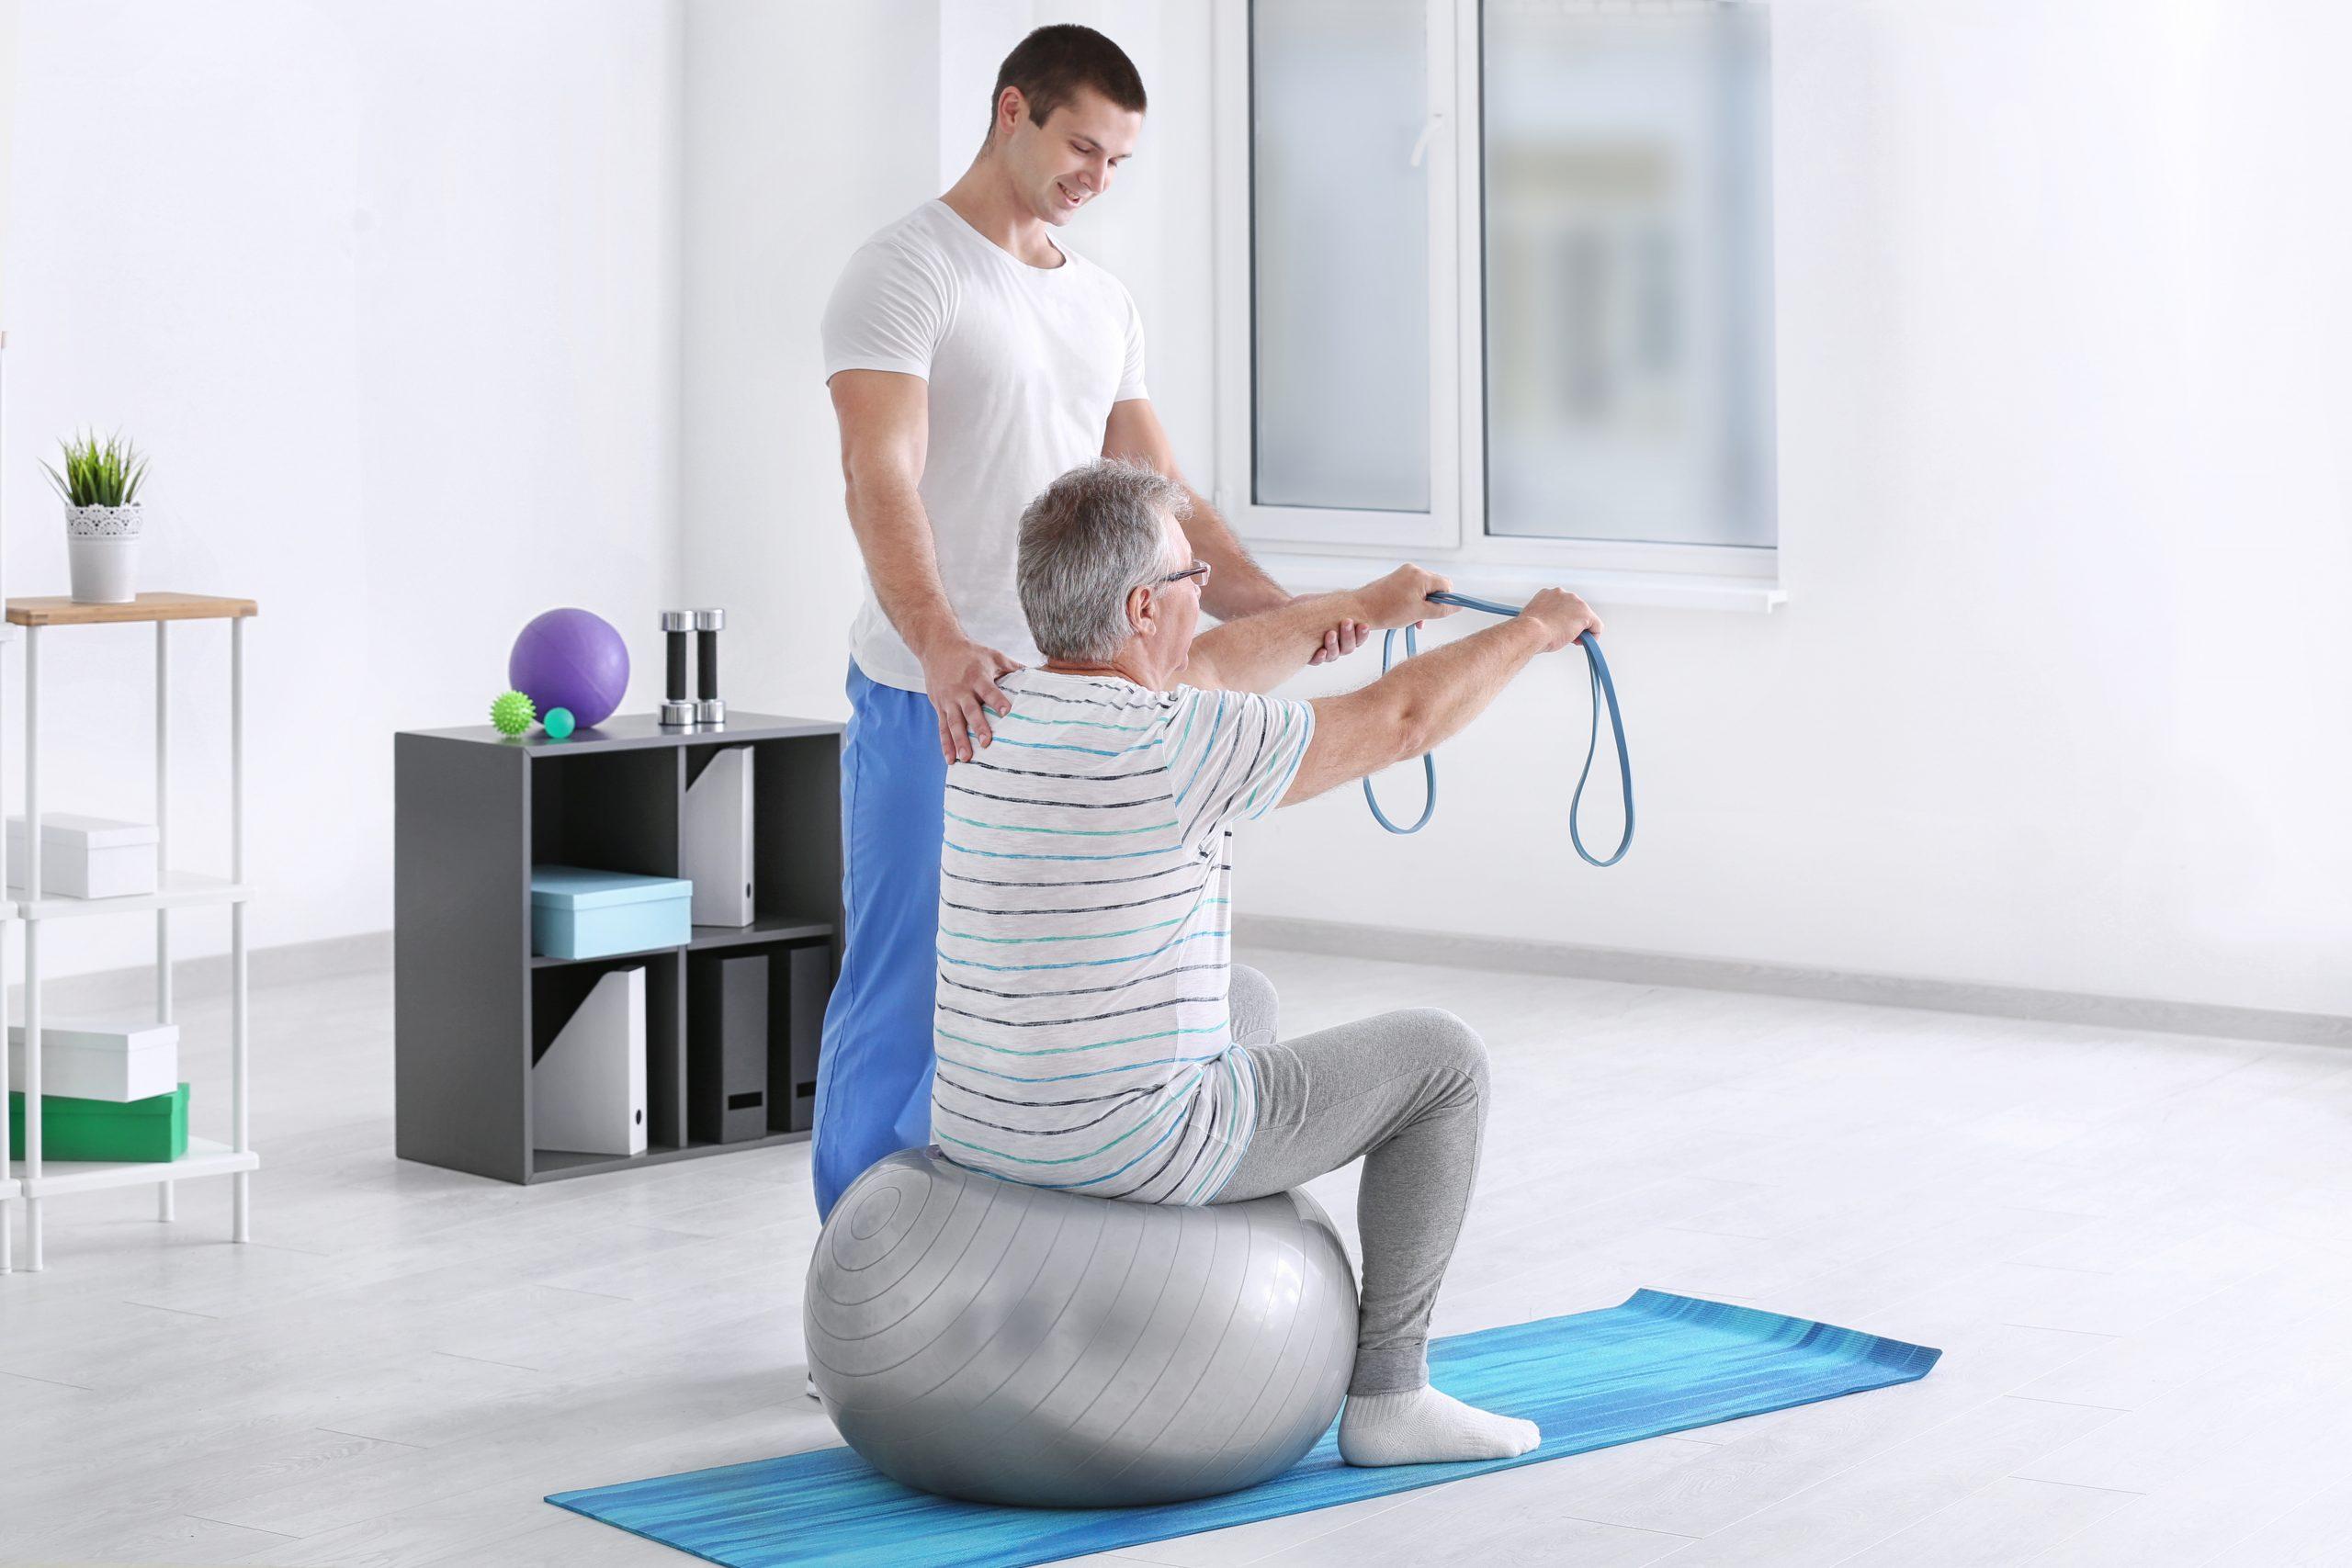 Schulung zur Optimierung des Bewegungs- und Haltungsapparates